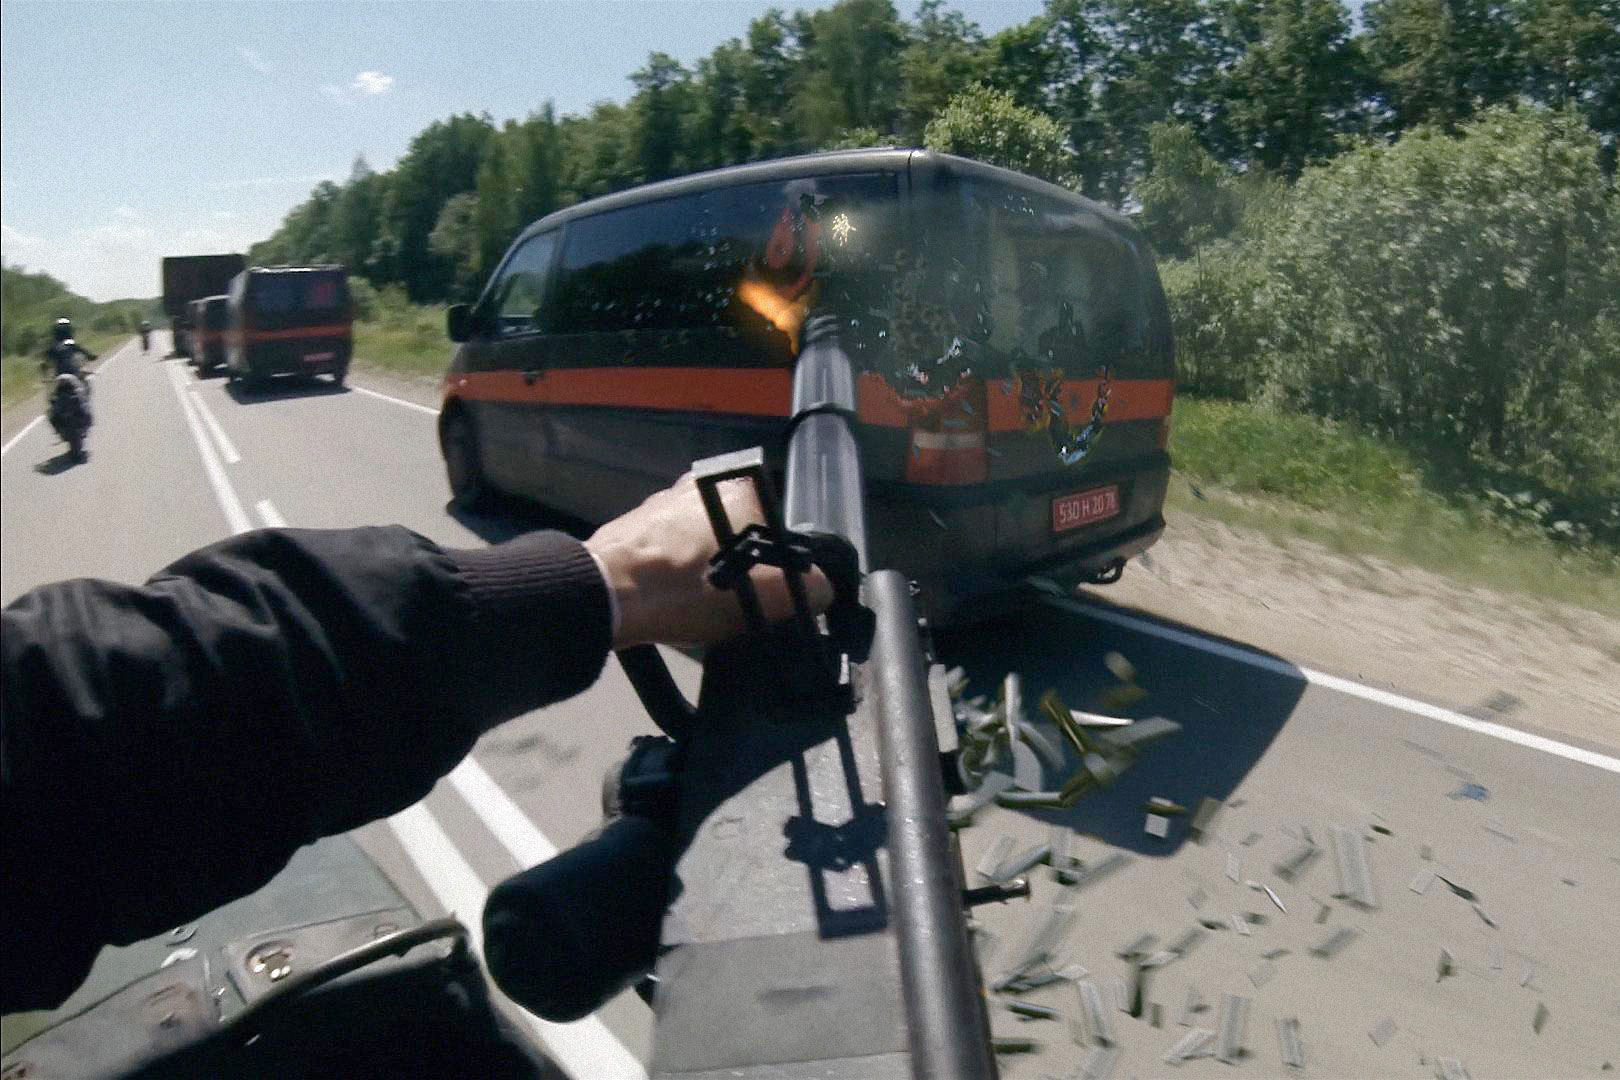 Darf natürlich nicht fehlen: Die obligatorische Verfolgungsjagd mit Dauerfeuer aus vorbeifahrenden Kleinbussen…